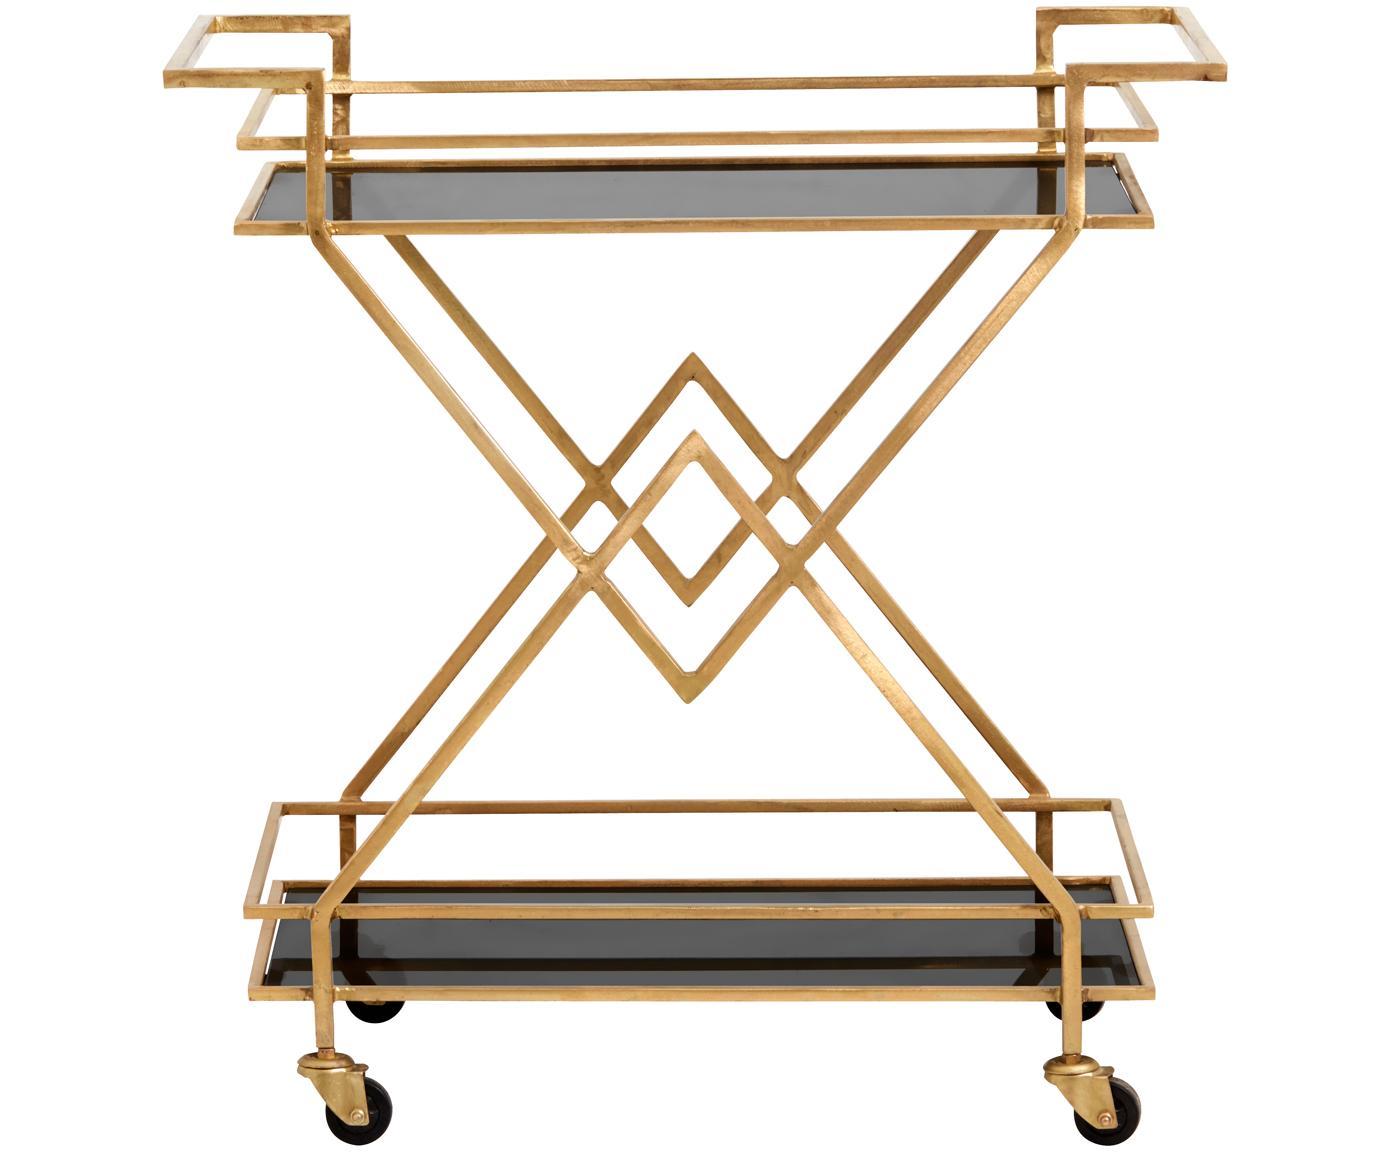 Wózek barowy Ben, Stelaż: metal lakierowany, Odcienie złotego, transparentny, S 76 x W 80 cm